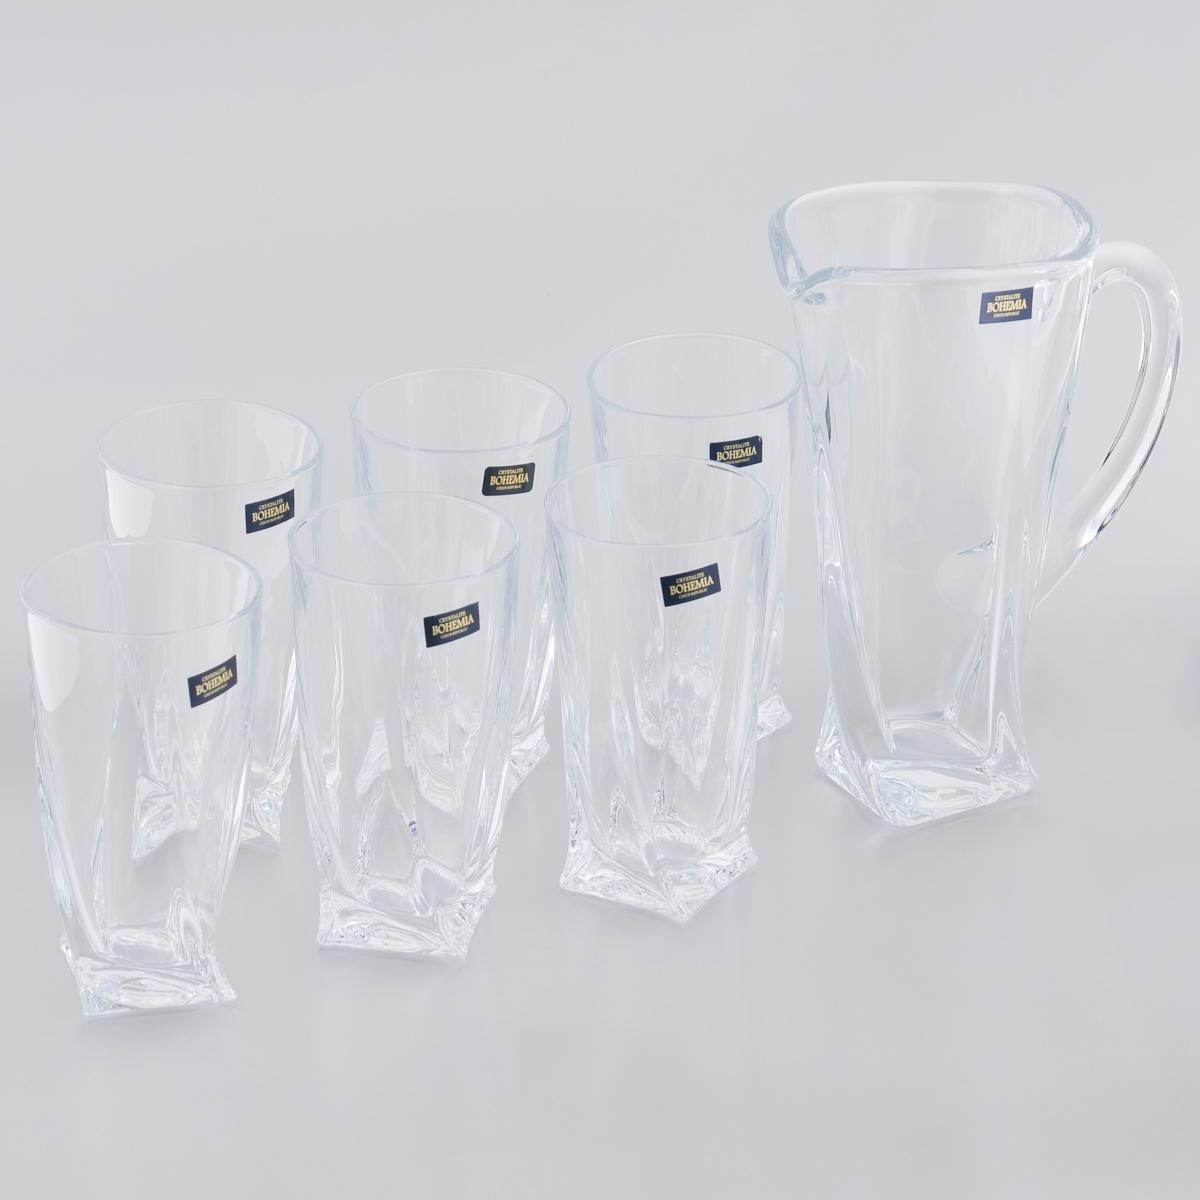 """Набор Crystalite Bohemia """"Квадро"""" состоит из шести стаканов и графина, выполненных из прочного утолщенного стекла """"кристалайт"""". Изделия оснащены рельефной поверхностью, грани которой закручены книзу. Предметы набора предназначены для воды, сока и других напитков. Они излучают приятный блеск и издают мелодичный звон. Изделия сочетают в себе элегантный дизайн и функциональность. Благодаря такому набору пить напитки будет еще вкуснее.Набор для воды Crystalite Bohemia """"Квадро"""" прекрасно оформит праздничный стол и создаст приятную атмосферу. Такой набор также станет хорошим подарком к любому случаю. Можно использовать в посудомоечной машине и микроволновой печи."""